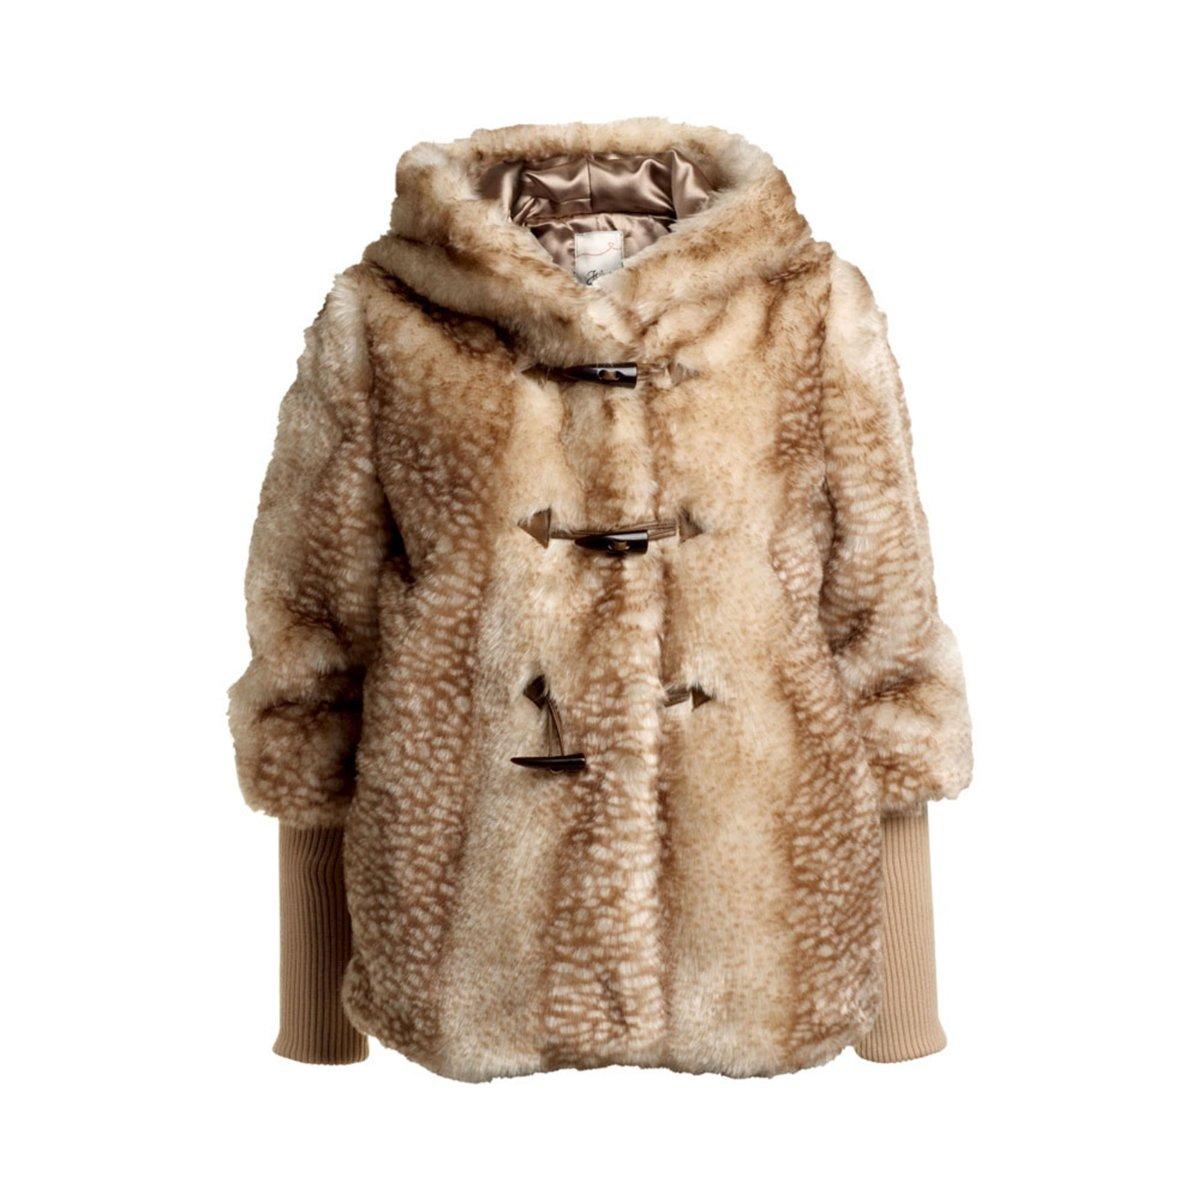 La redoute 81.50 ευρώ. Φυσικά μπορείς να επιλέξεις ανάμεσα στα μοντγκόμερι  και τα παλτό που είναι εξαιρετικές επιλογές για την καθημερινότητά σου  αρκεί η ... 3be9955dae8